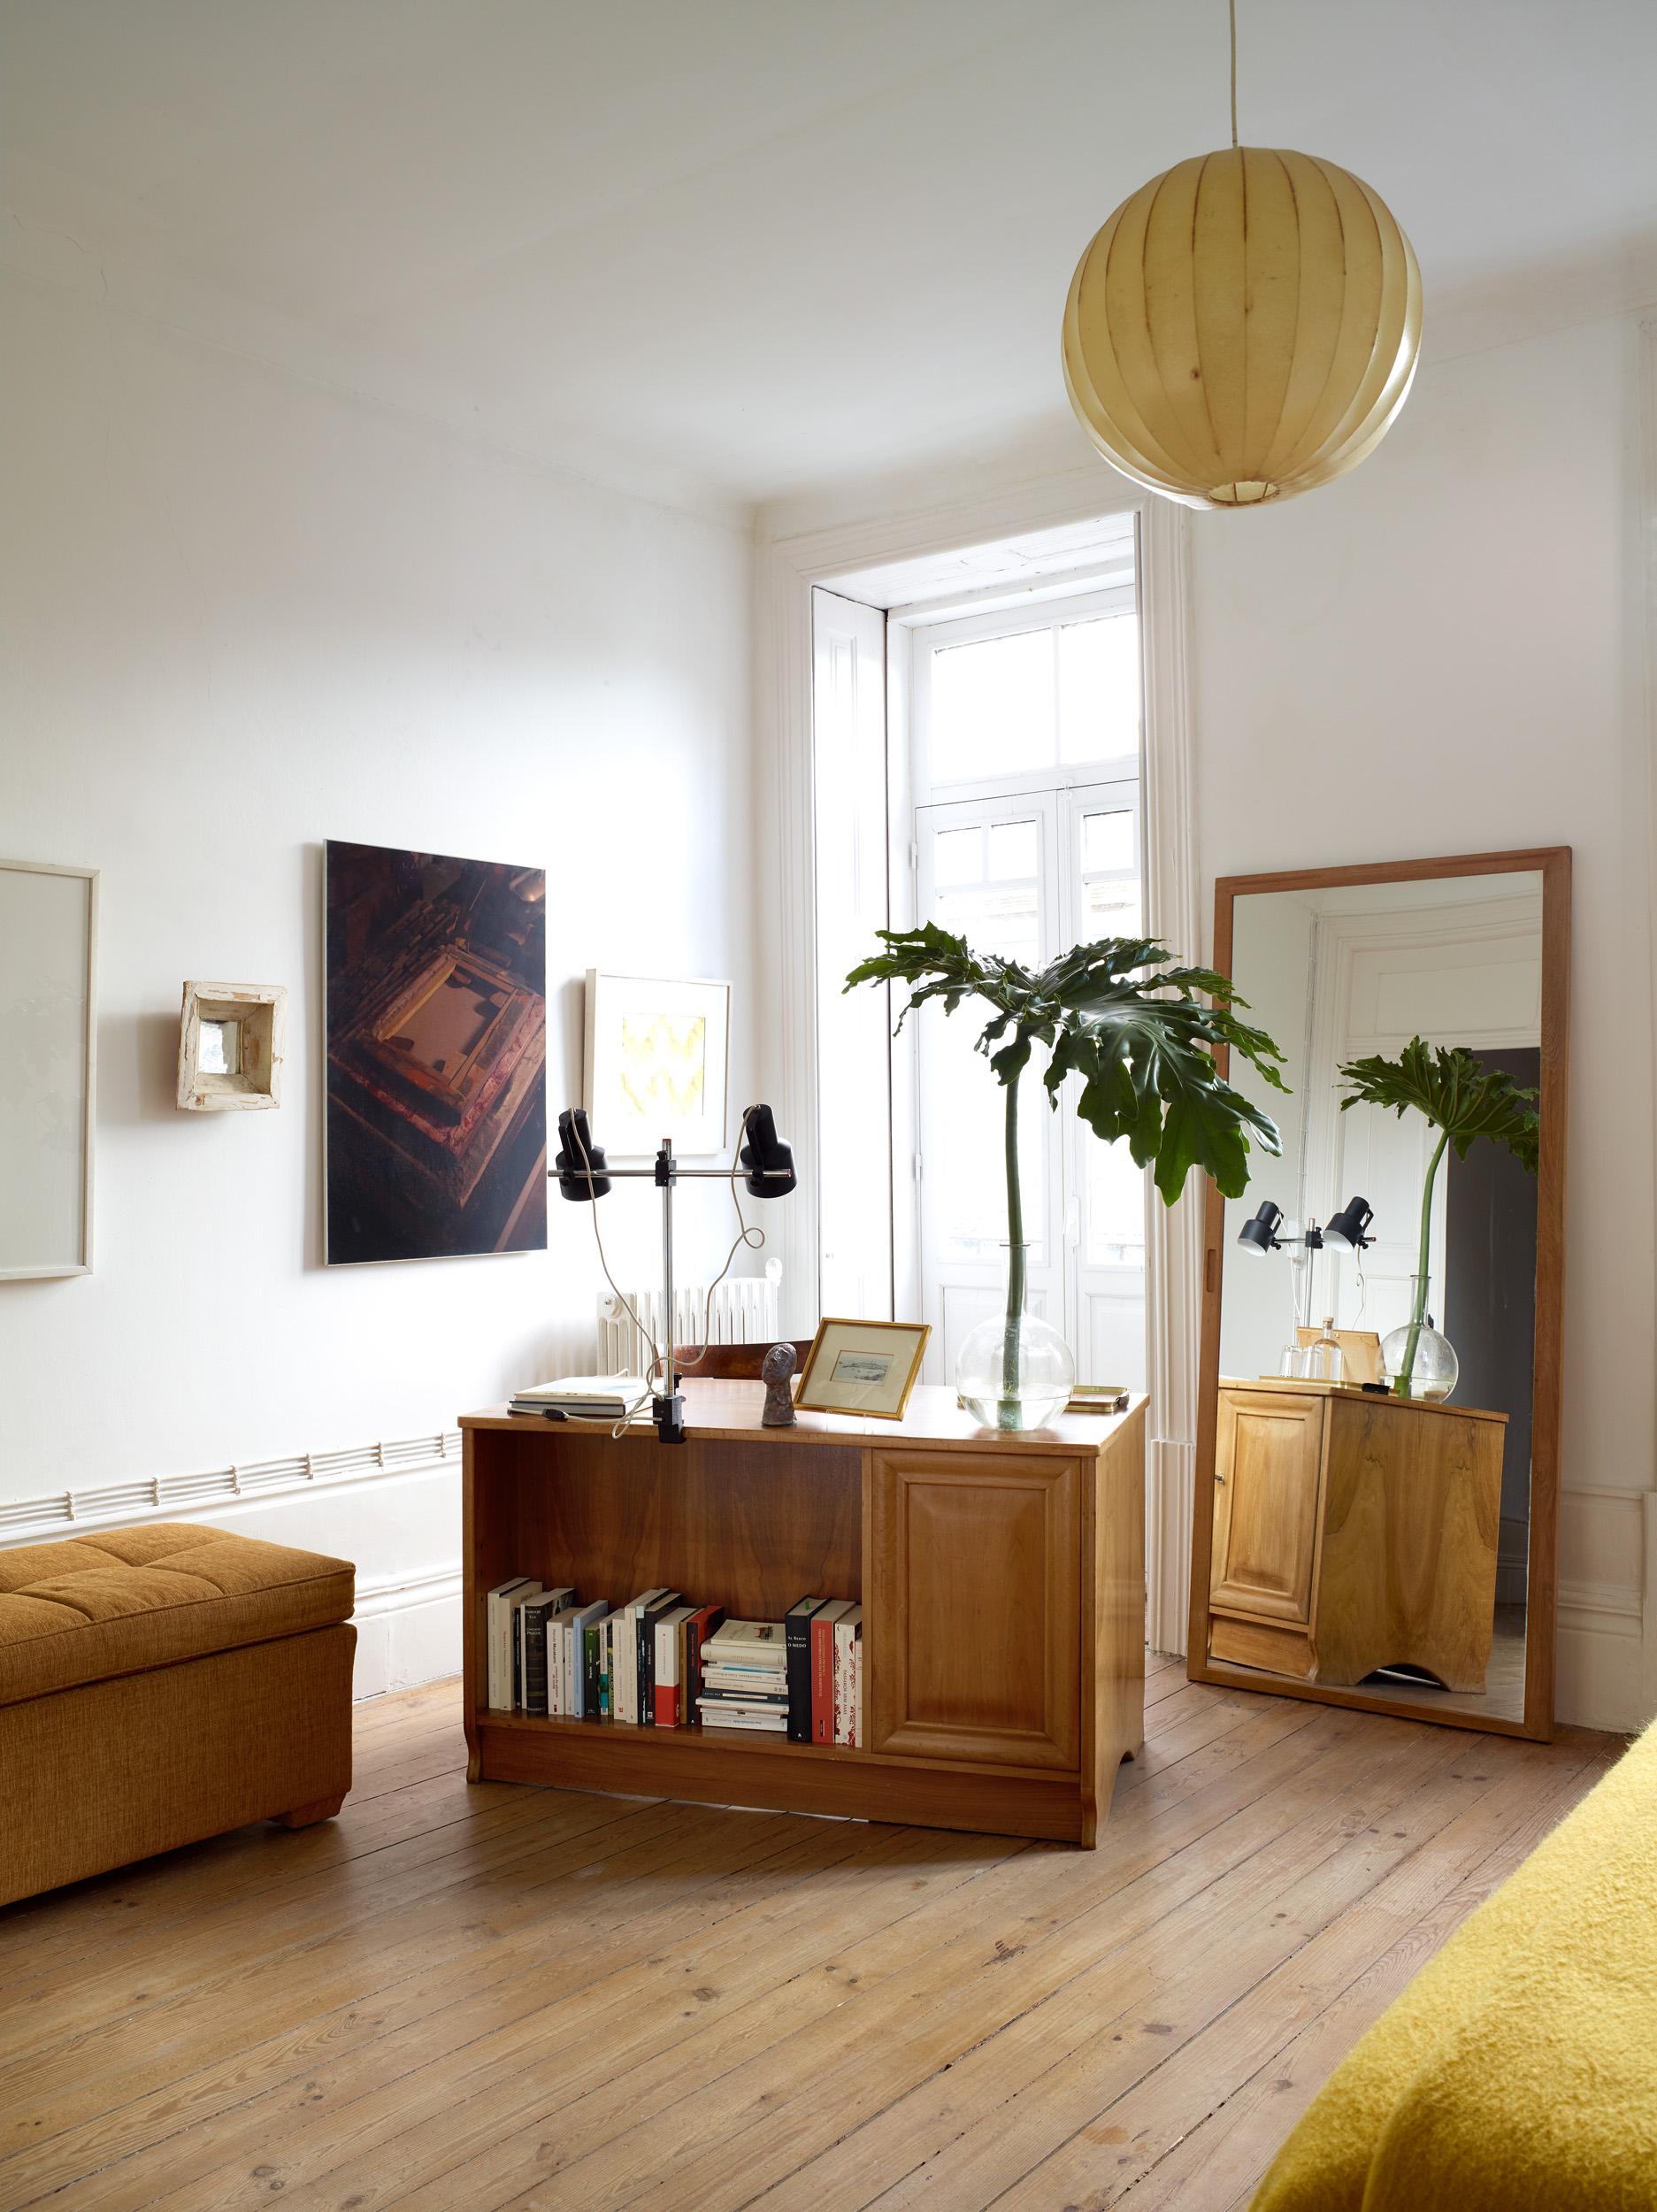 rachael-smith-interiors-14122019-043